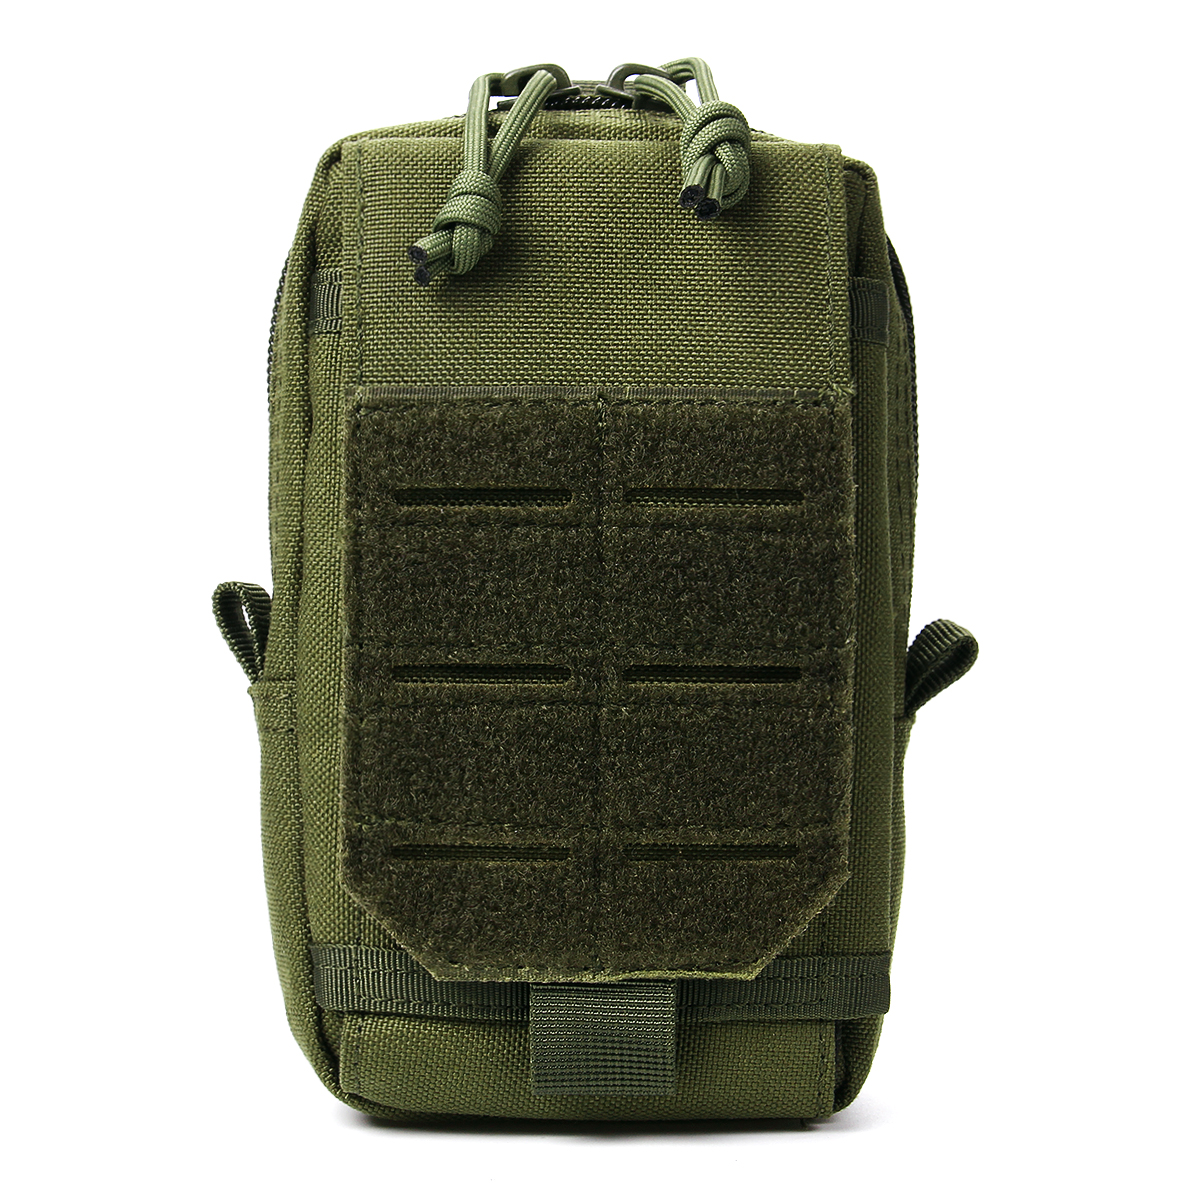 Tactical Molle Pouch Waterproof 1000D Military Belt Waist Pack Bag Phone Pocket Waist Bag